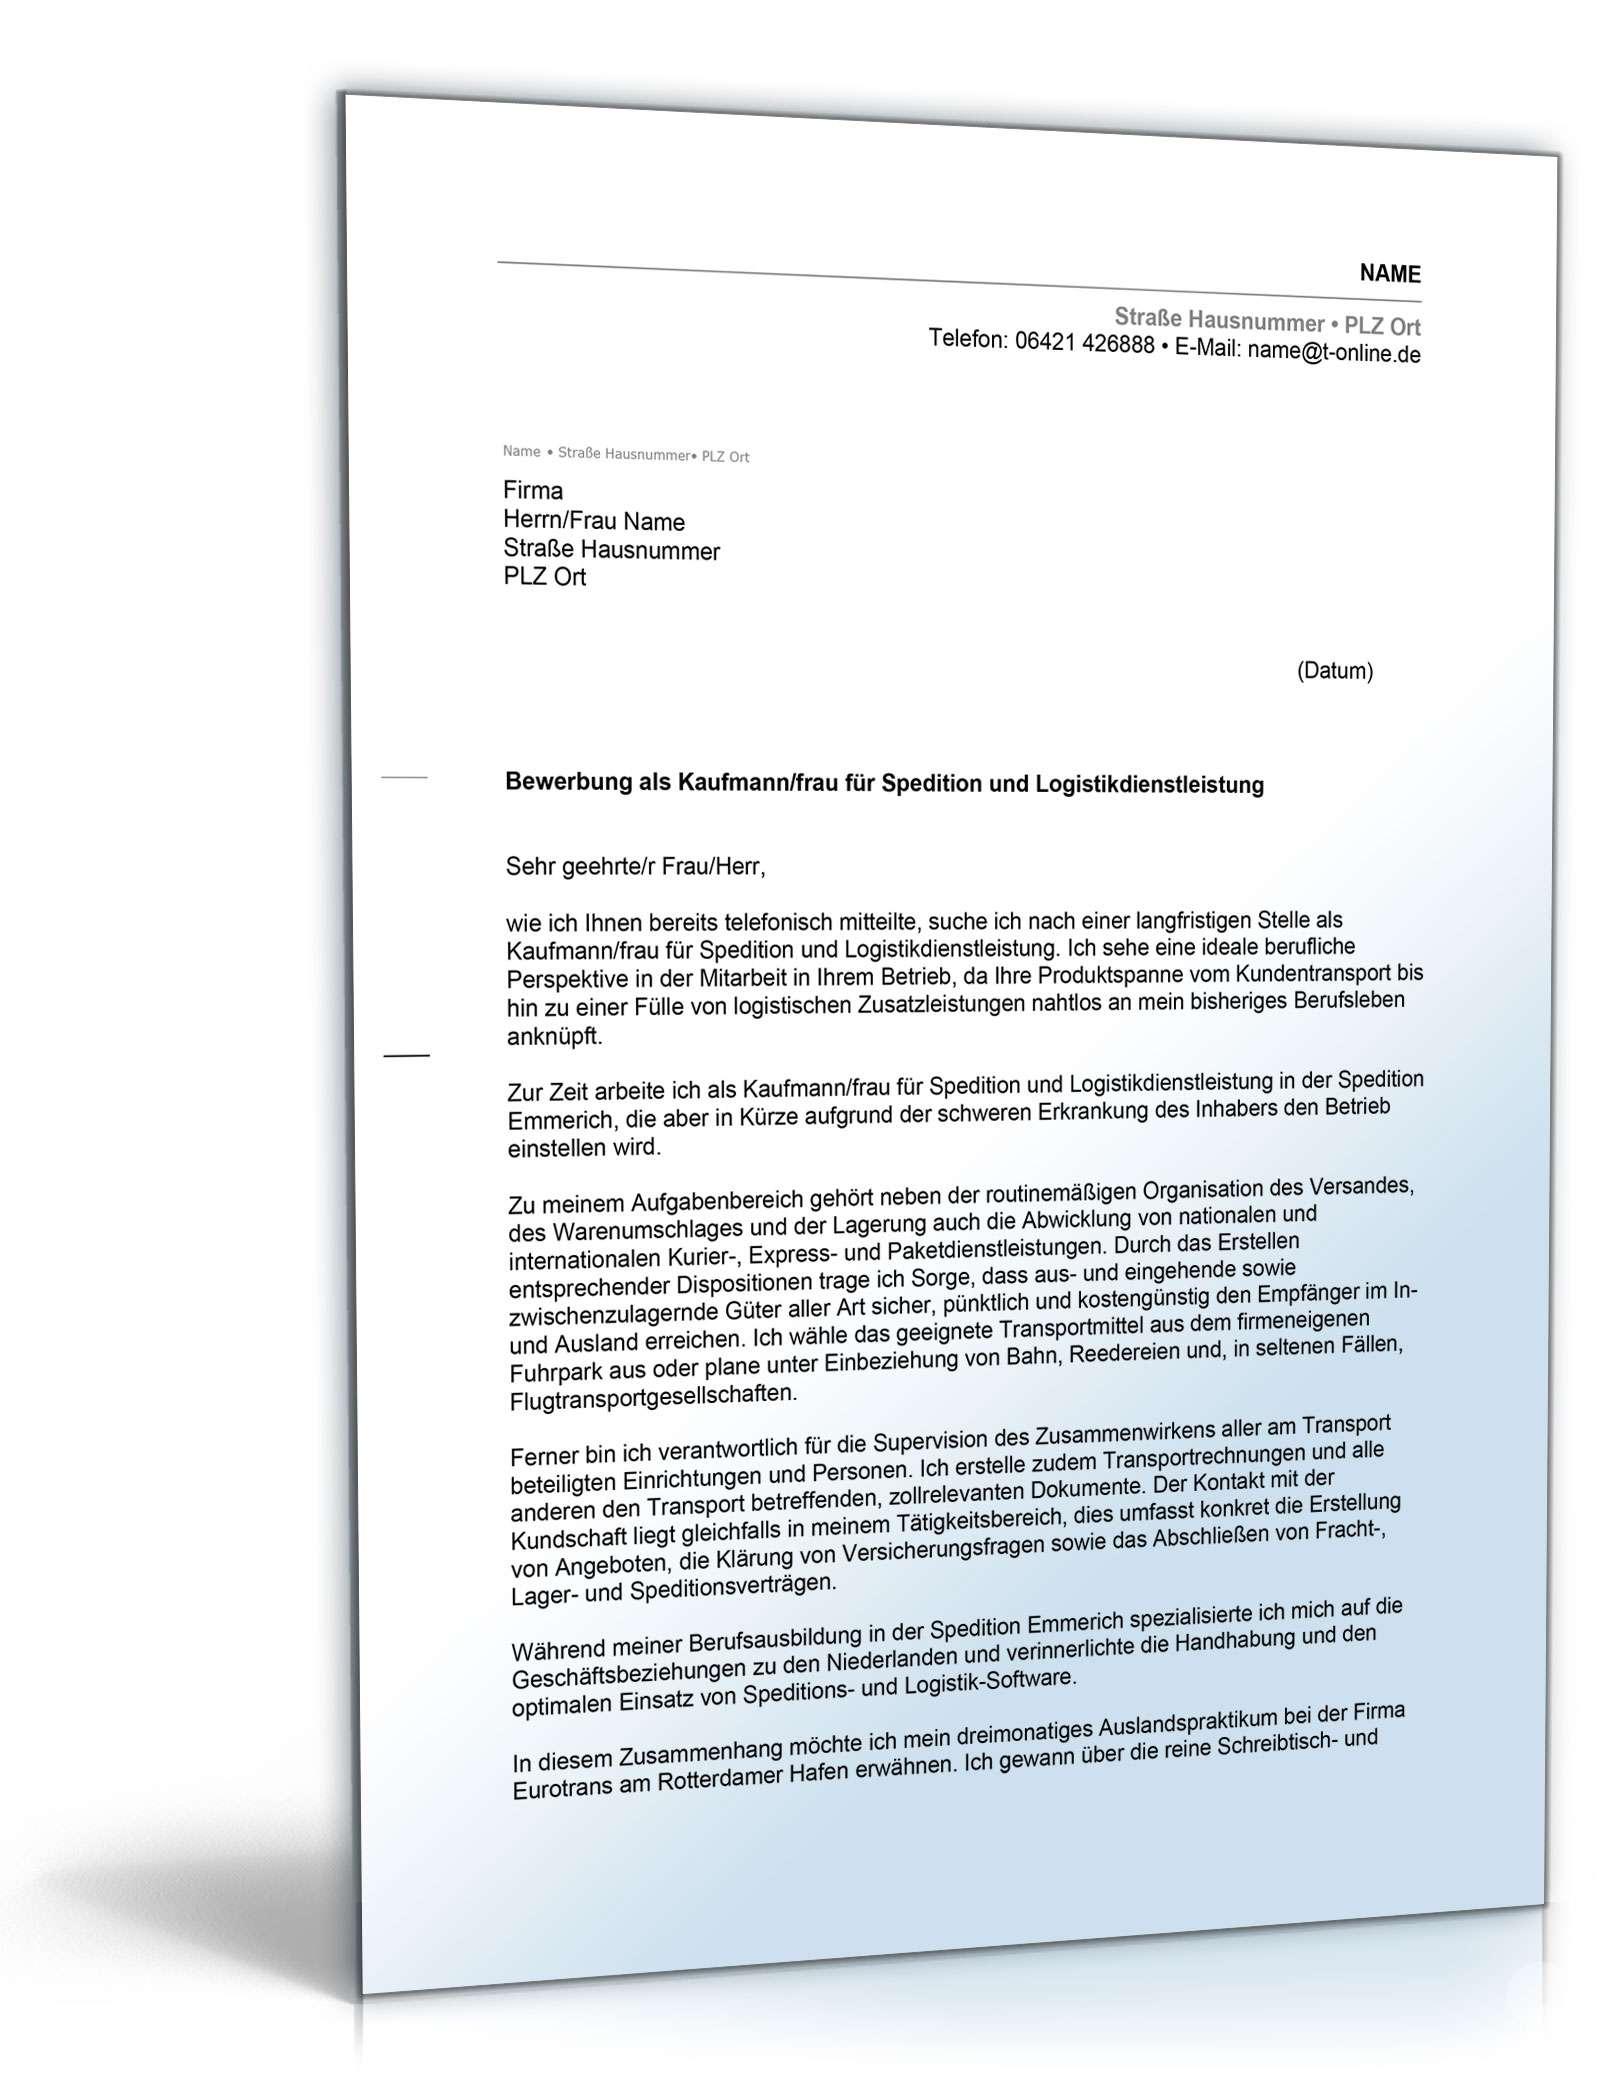 Anschreiben Bewerbung Speditionskaufmann | Muster zum Download